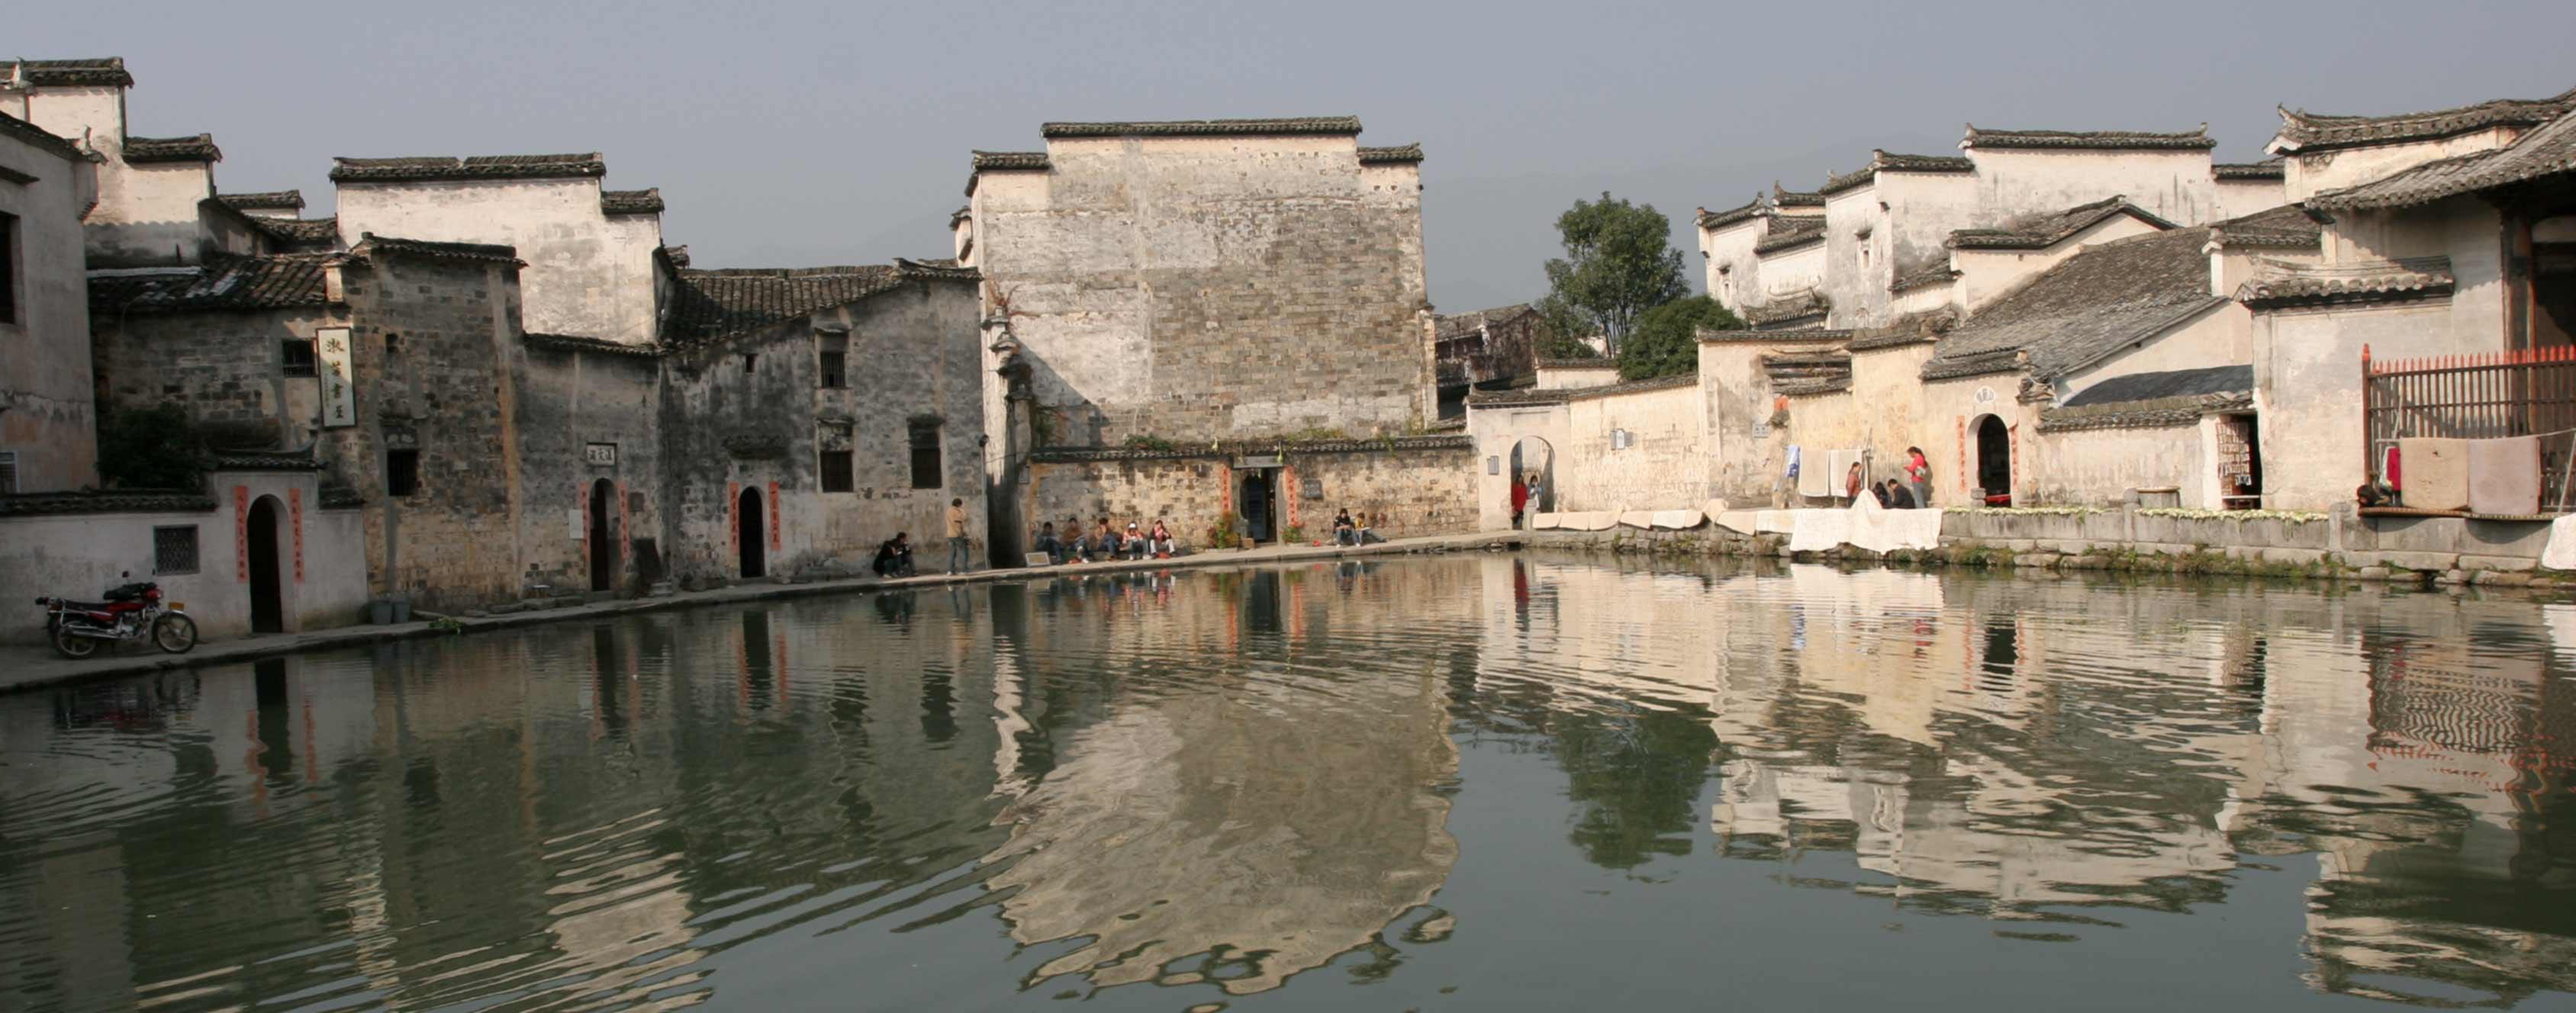 牛胃 宏村的中心 深秋的江南水乡 高清图片